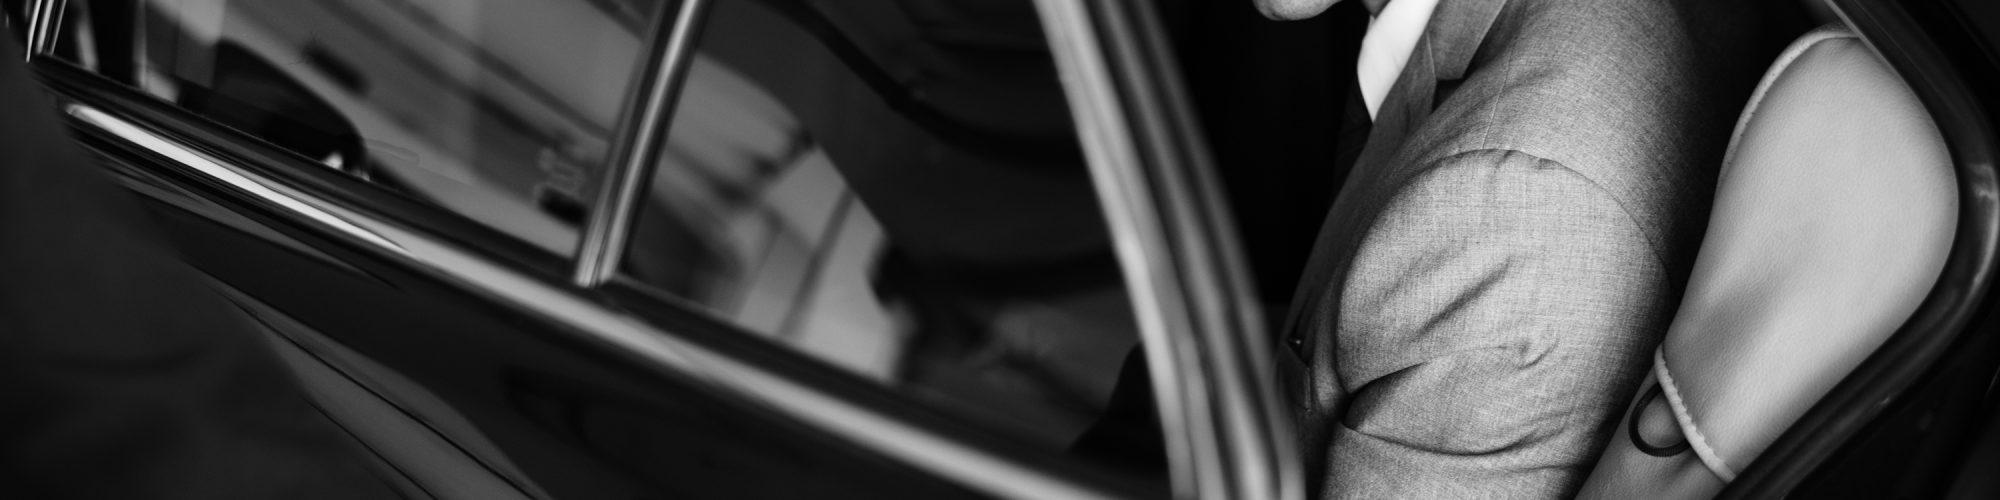 FCLS propose des solutions de transport premium et écologique en voiture avec chauffeur pour des voyageurs d'affaires internationaux.